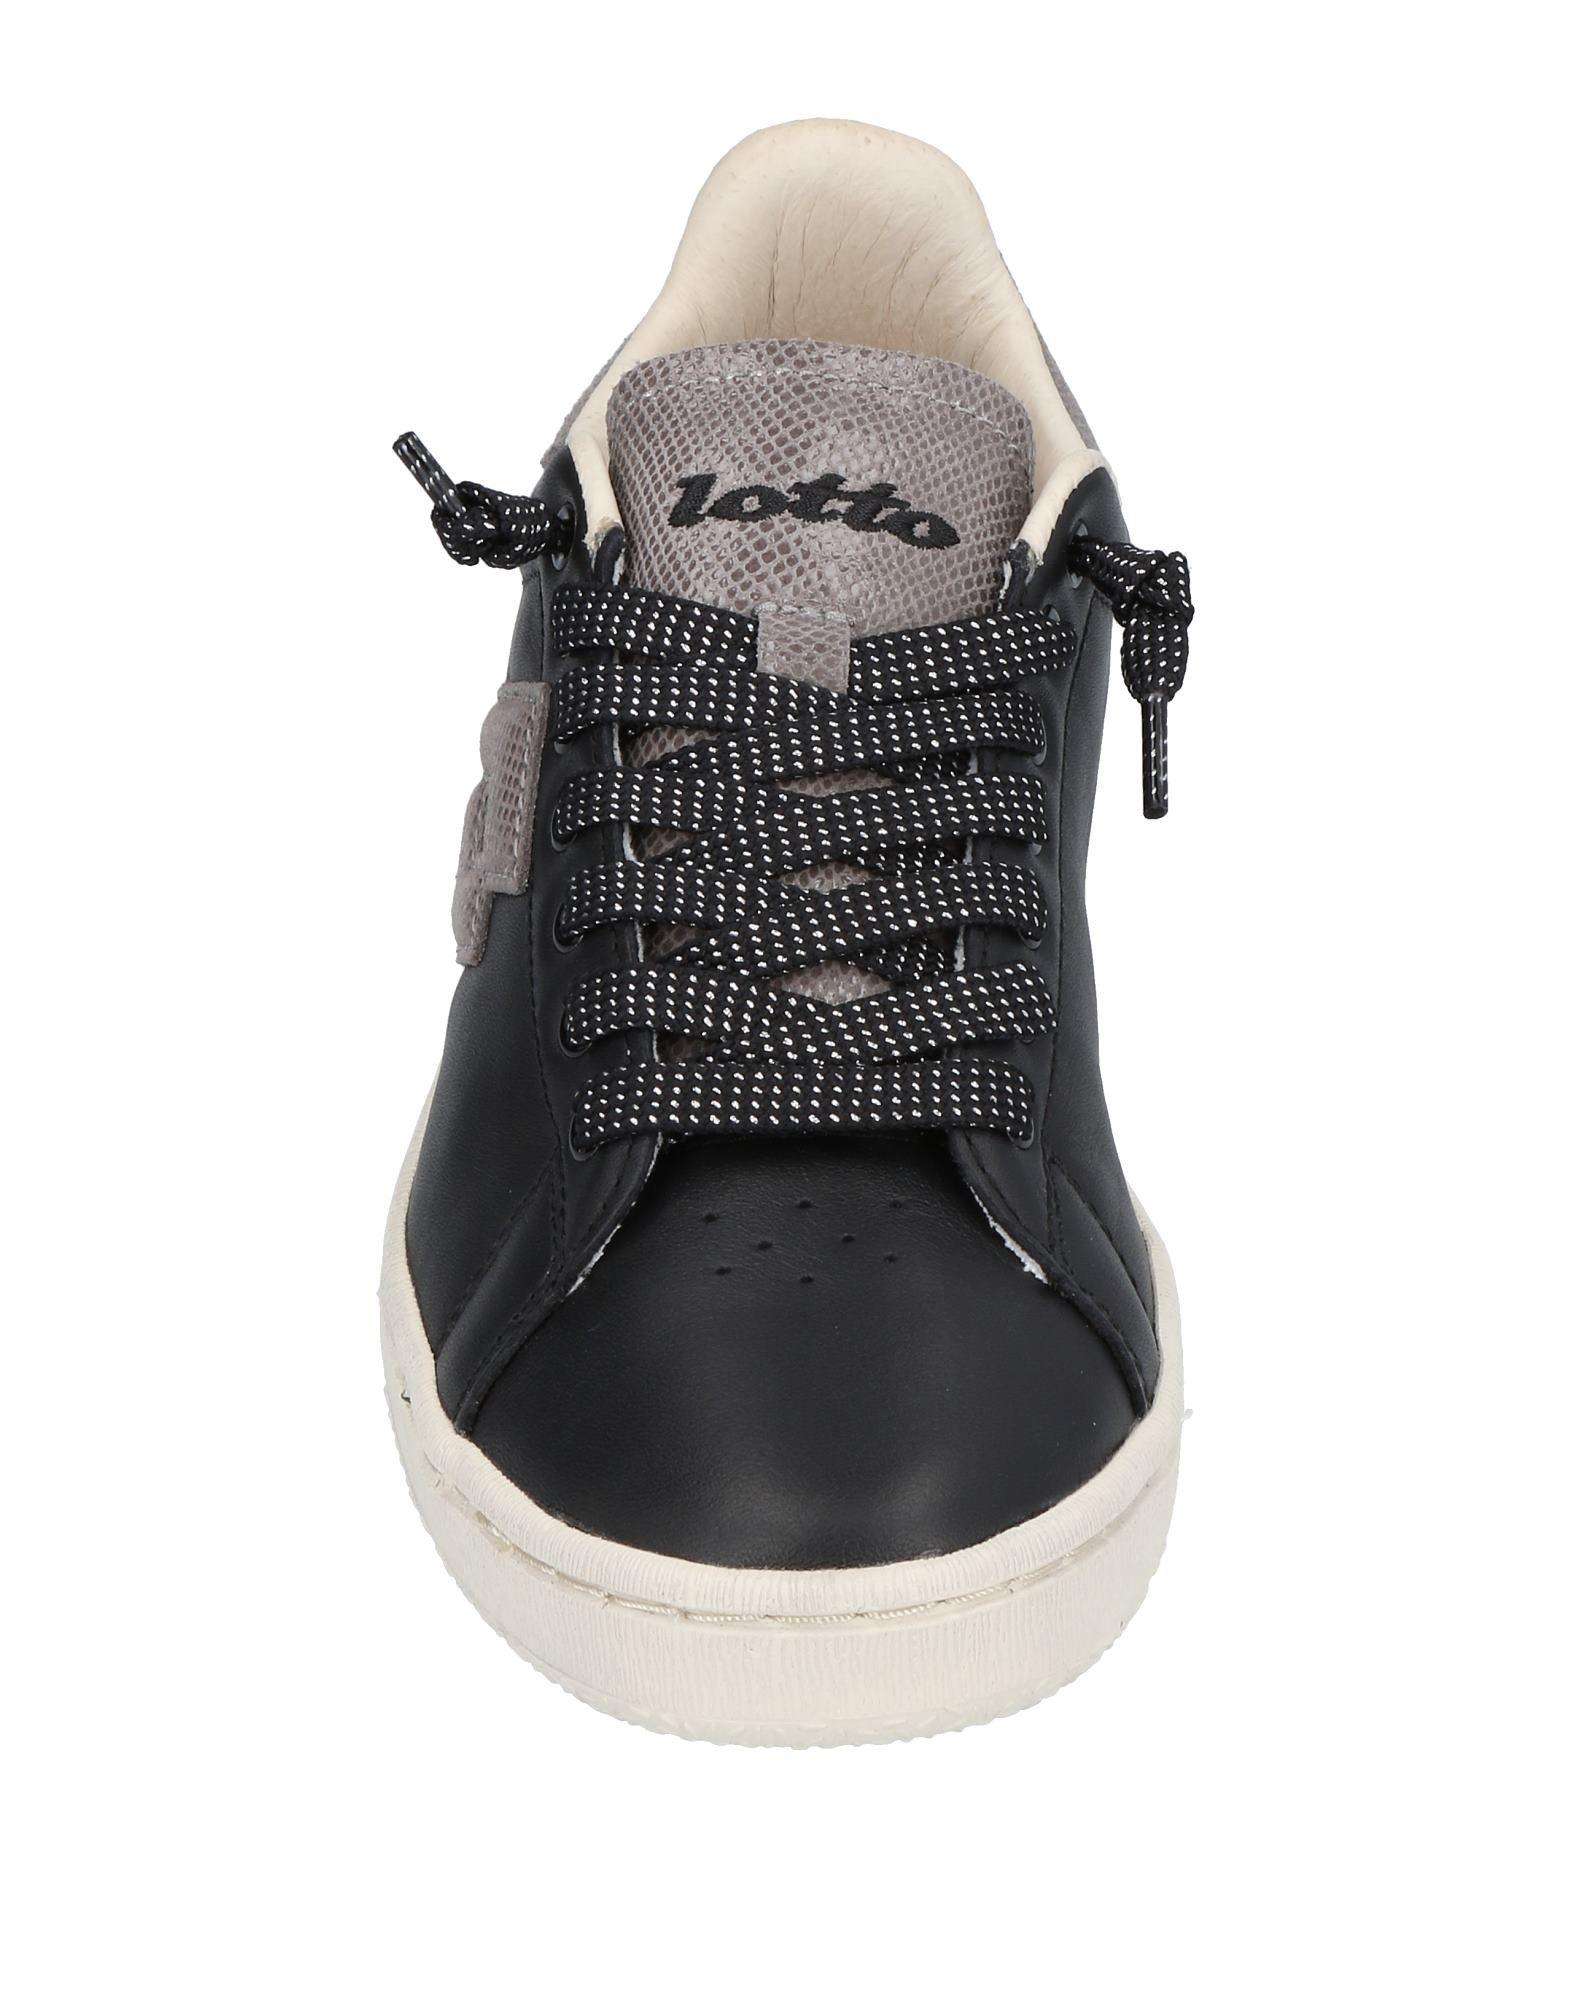 Lotto Leggenda Sneakers Damen Damen Damen  11453440SX 2030fd